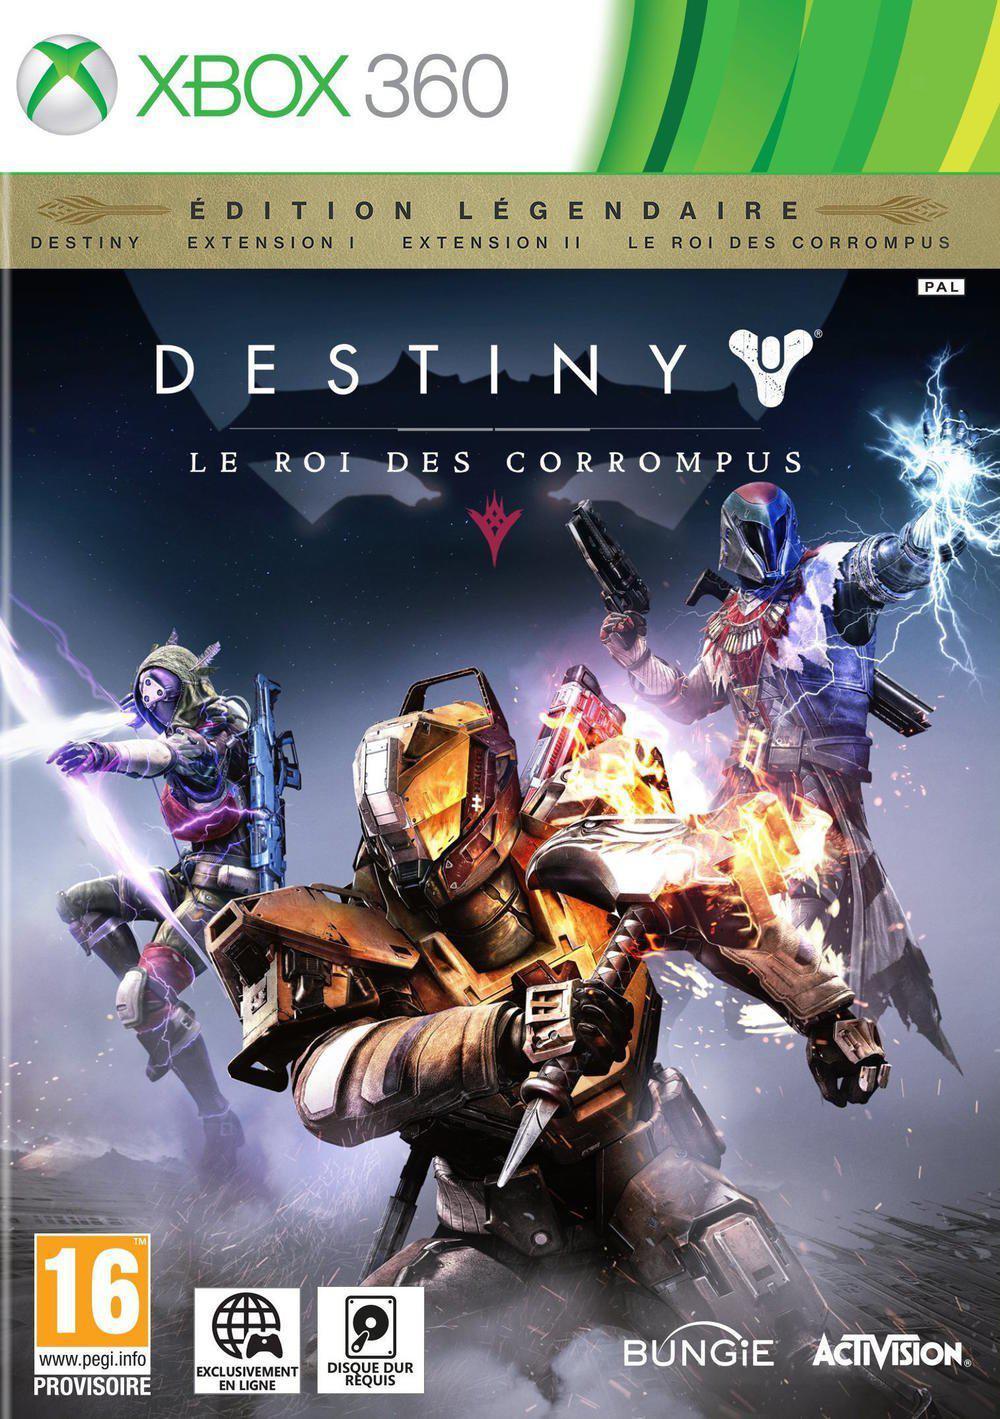 Jeu Destiny : le roi des corrompus sur Xbox 360/PS3 - Edition légendaire